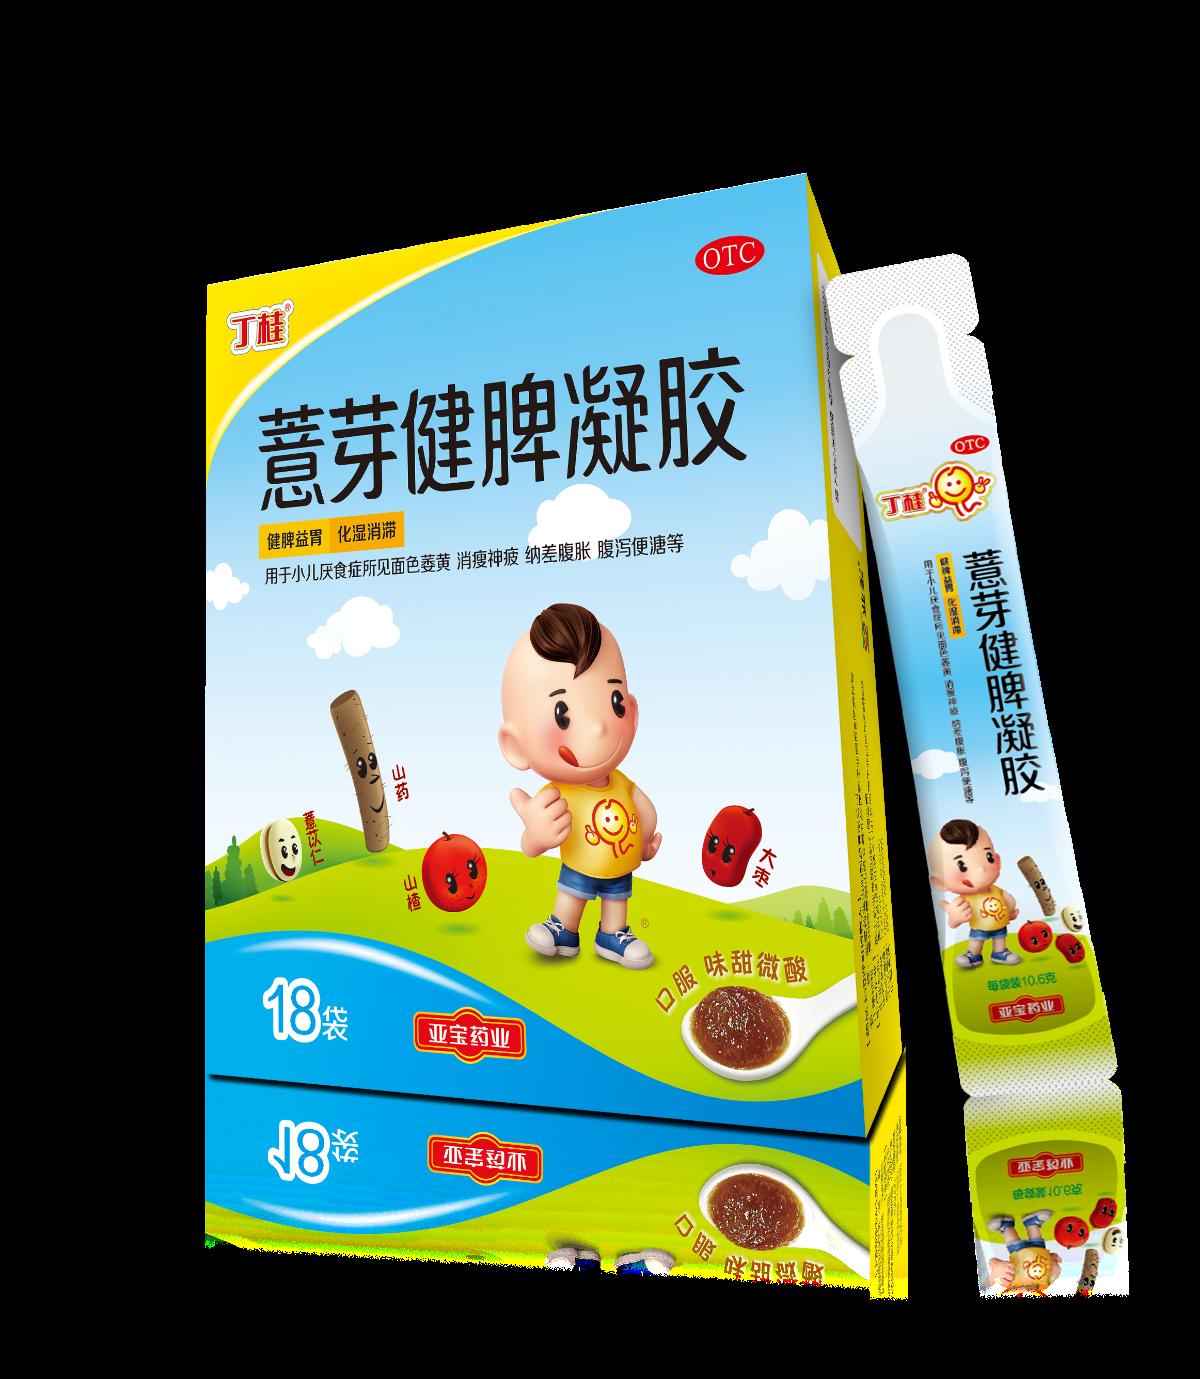 003-丁桂薏芽健脾凝胶包装-18袋-2.png